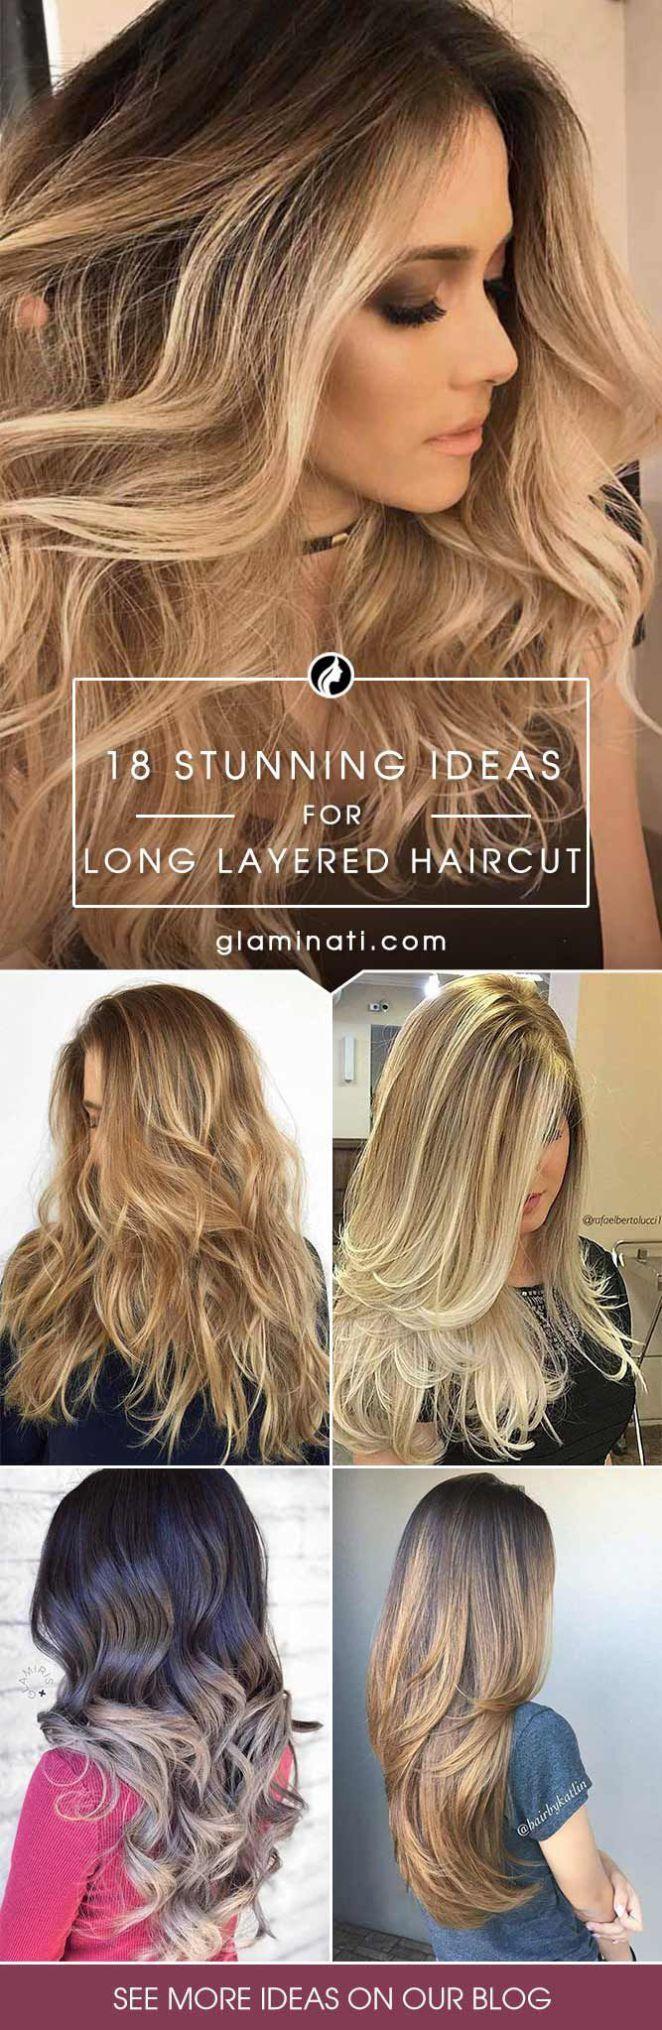 essayer des coiffures sur ma photo Vous pouvez télécharger votre photo ou tester avec une photo des dizaines de nouvelles coiffures sur votre visage sur notre studio de relooking virtuel ma.